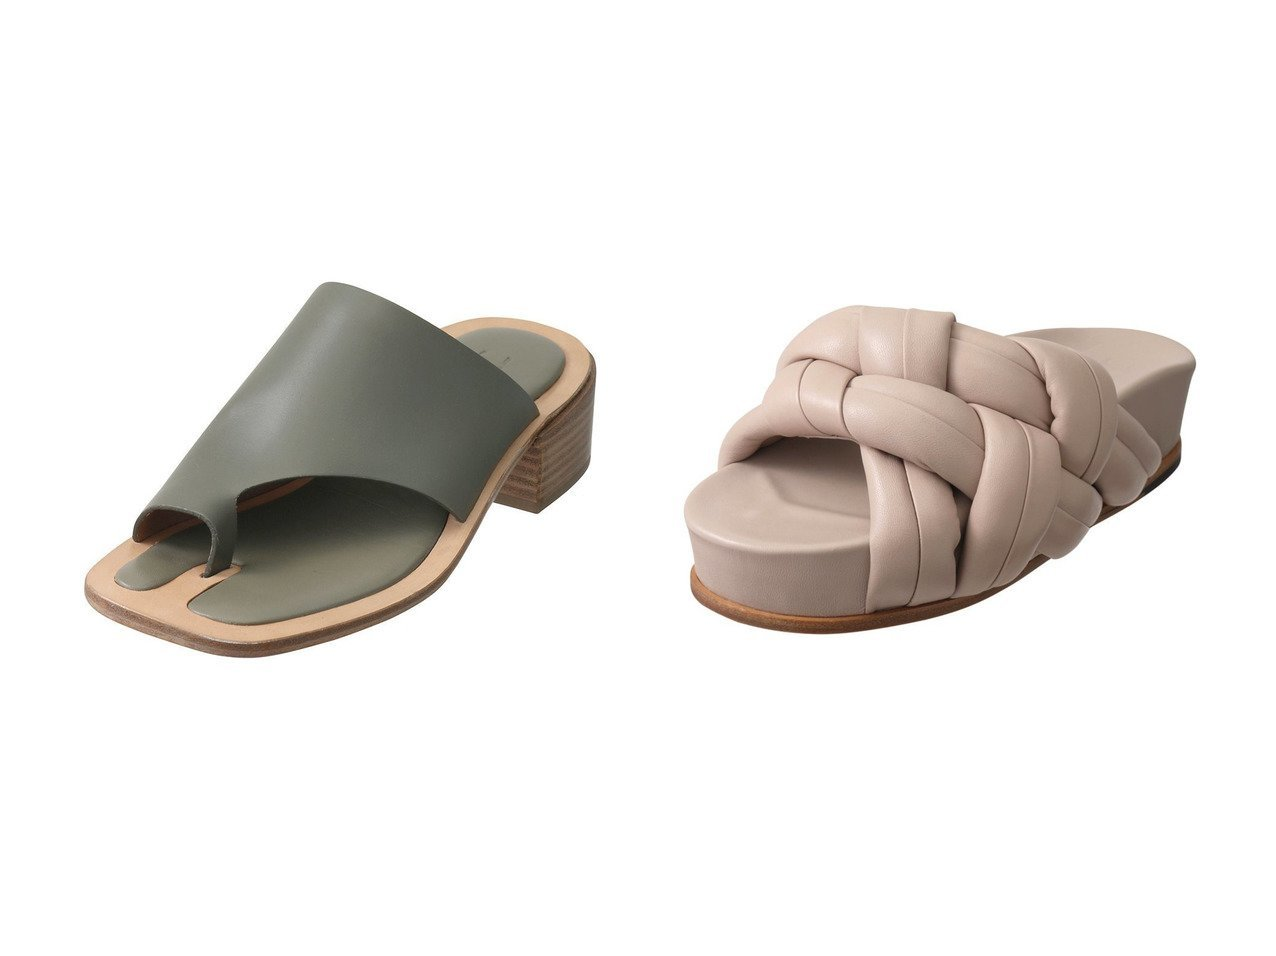 【JVAM/ジェーヴィエーエム】のHALO イントレチャートフットベッドサンダル&SAMARA トングサンダル 【シューズ・靴】おすすめ!人気、トレンド・レディースファッションの通販 おすすめで人気の流行・トレンド、ファッションの通販商品 メンズファッション・キッズファッション・インテリア・家具・レディースファッション・服の通販 founy(ファニー) https://founy.com/ ファッション Fashion レディースファッション WOMEN なめらか サンダル リゾート 厚底 シンプル デニム |ID:crp329100000036721